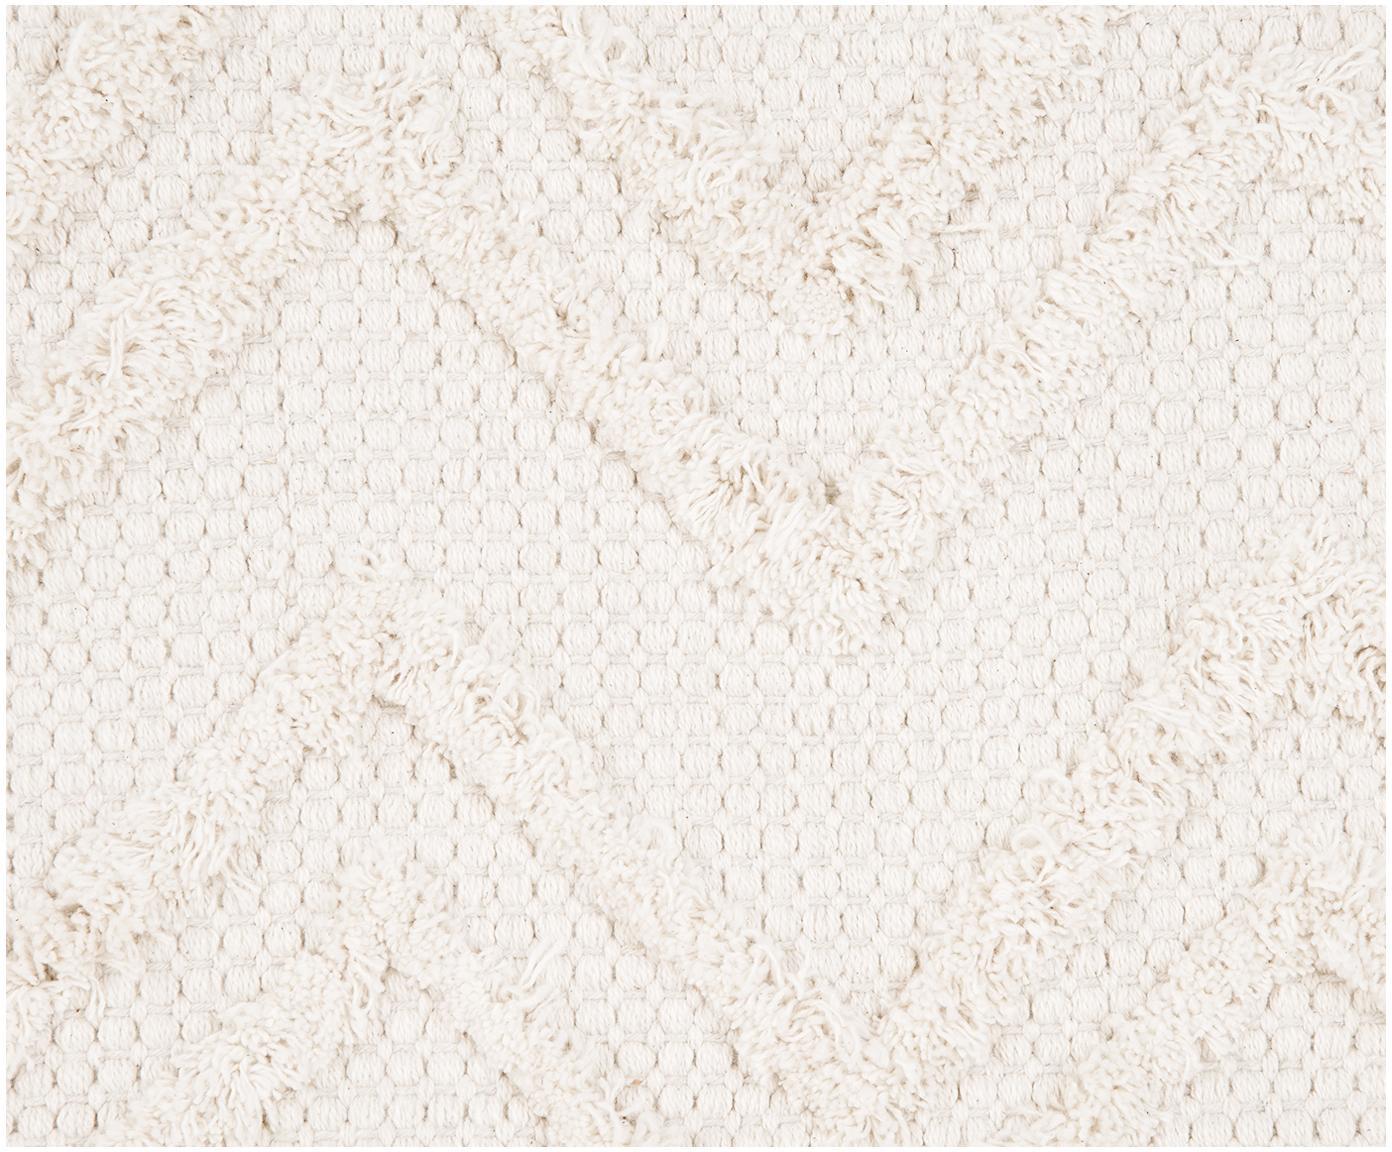 Povlak na polštář sklikatým vzorem Akesha, Režná